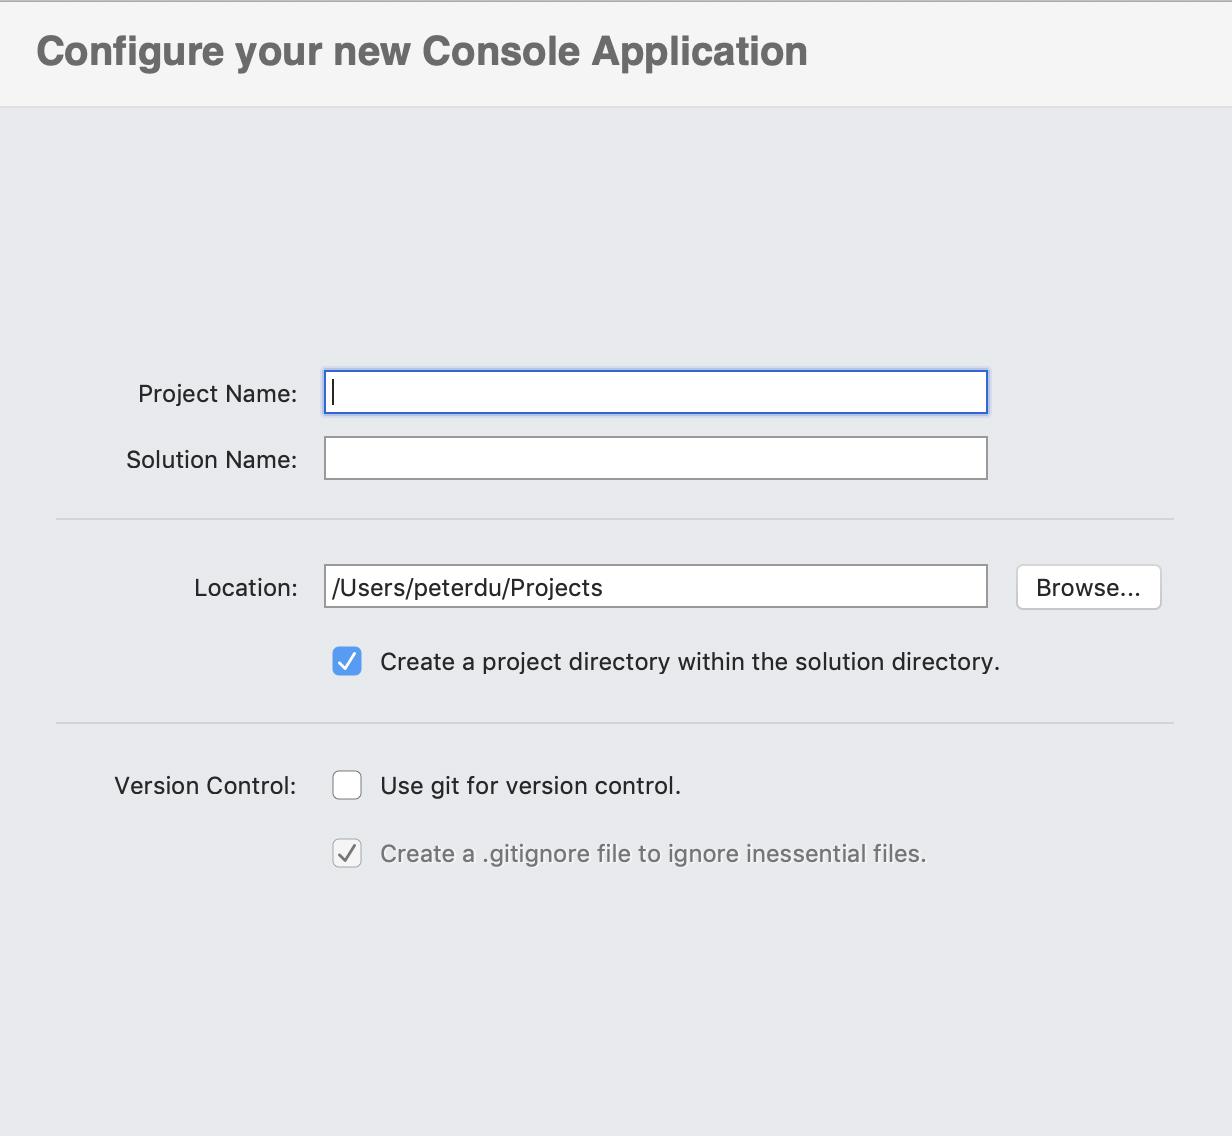 Configure a 'Hello World' console app with Visual Studio